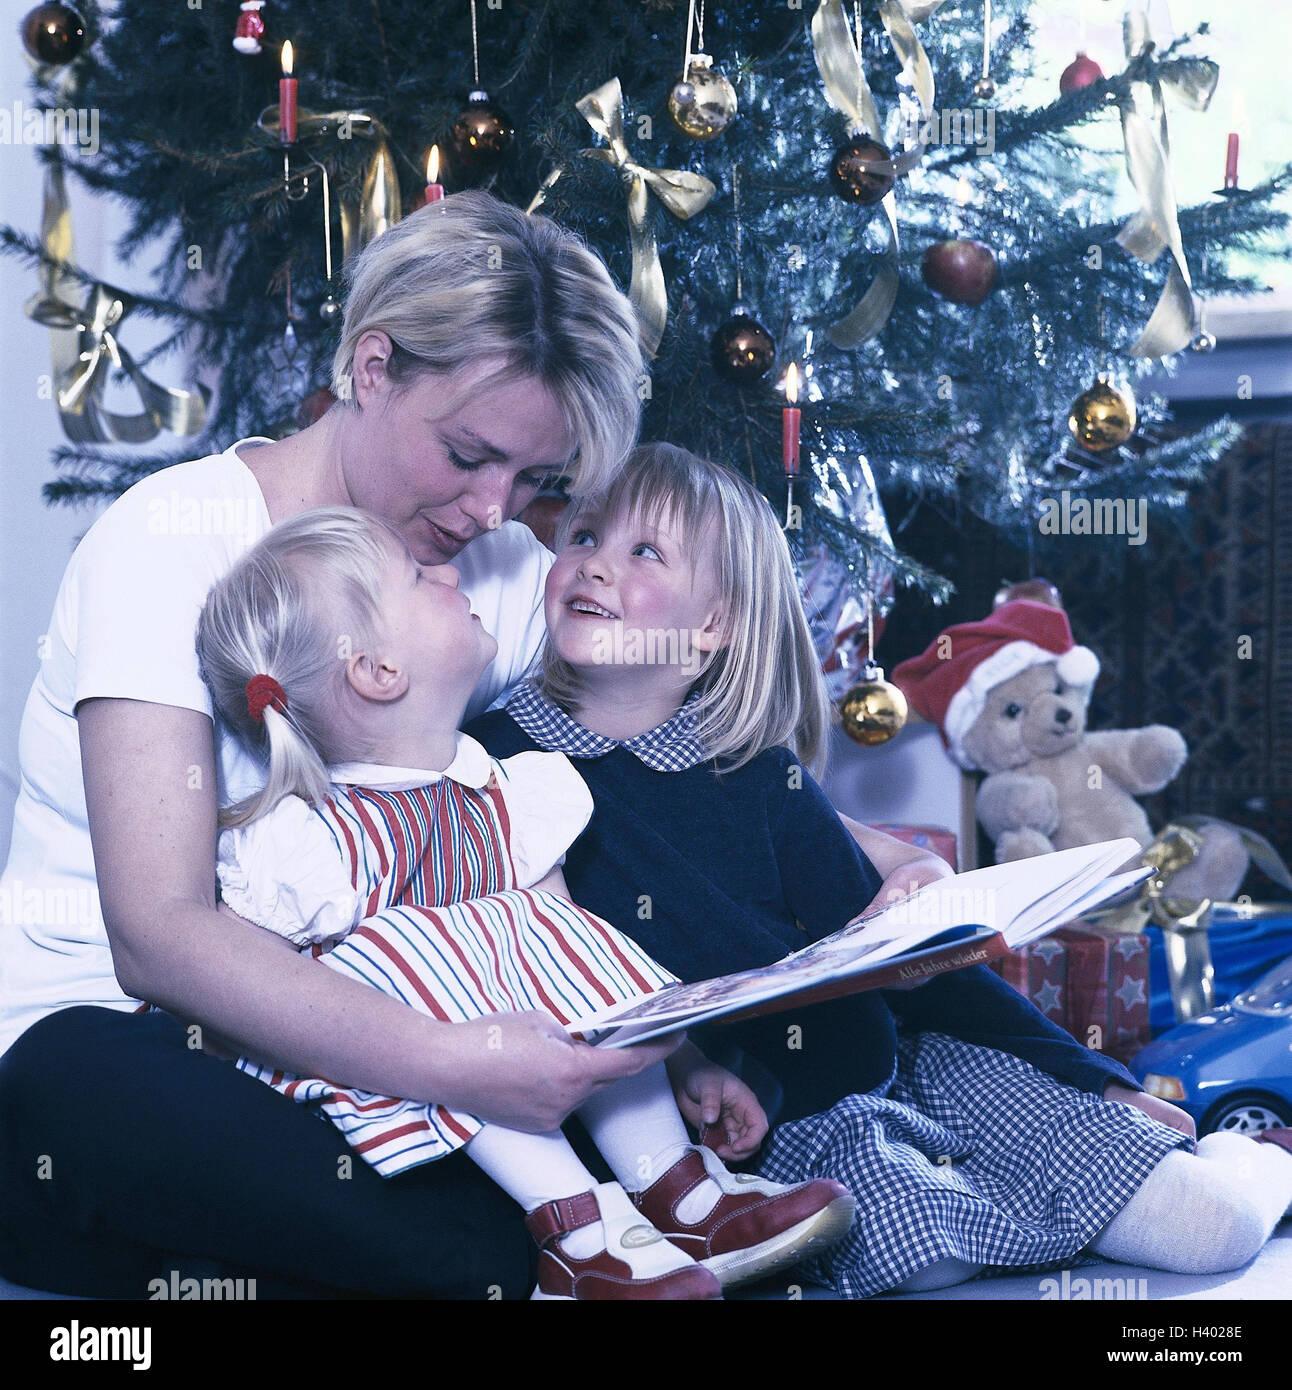 Weihnachtsgeschichte mit weihnachtsbaum